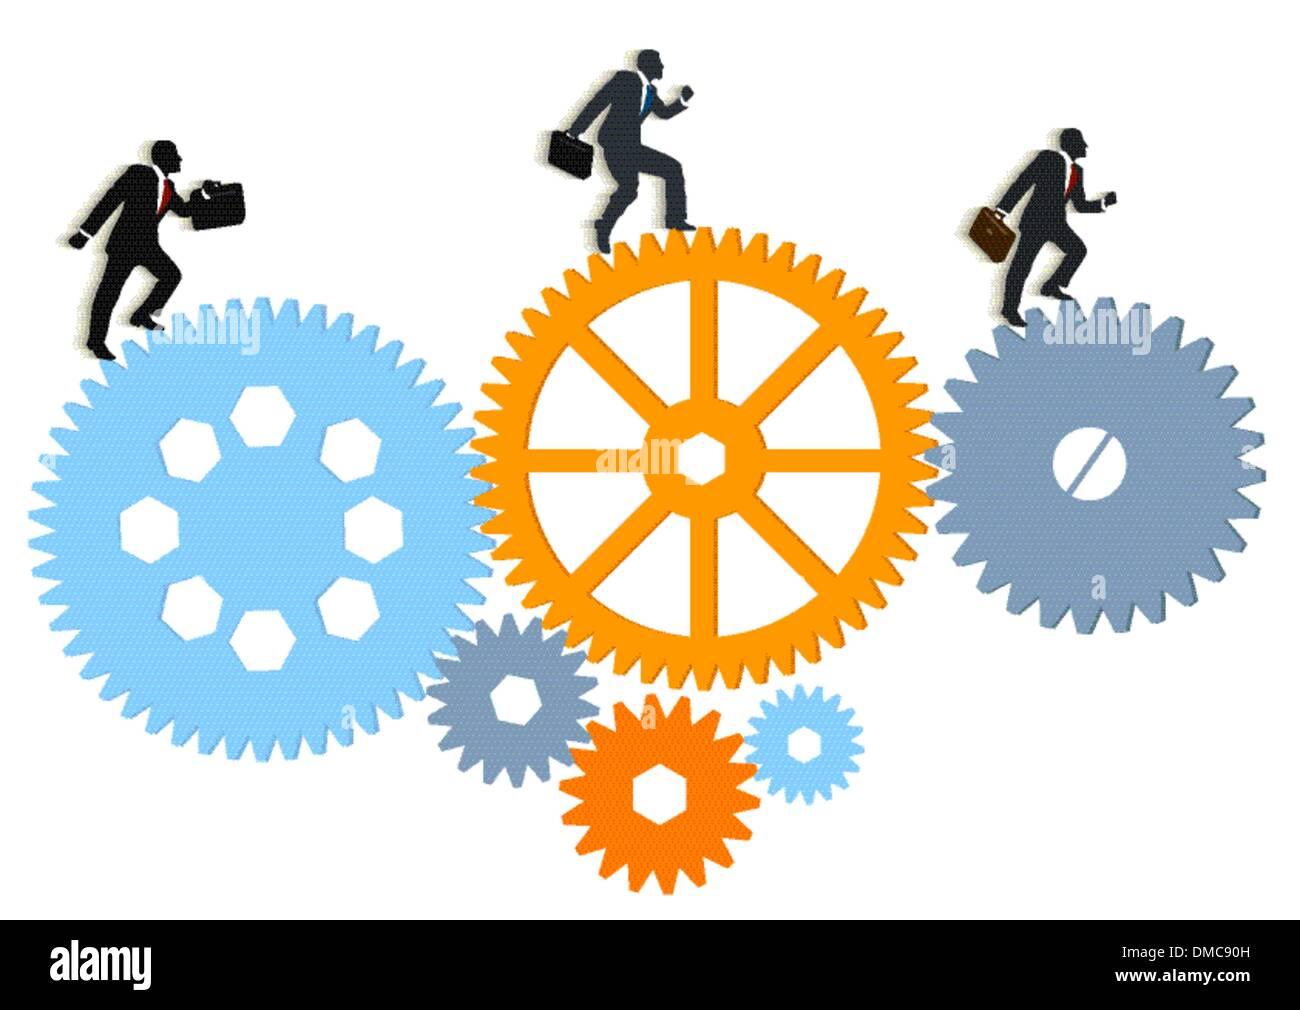 eine Gruppe von Managern in Bewegung Stockbild